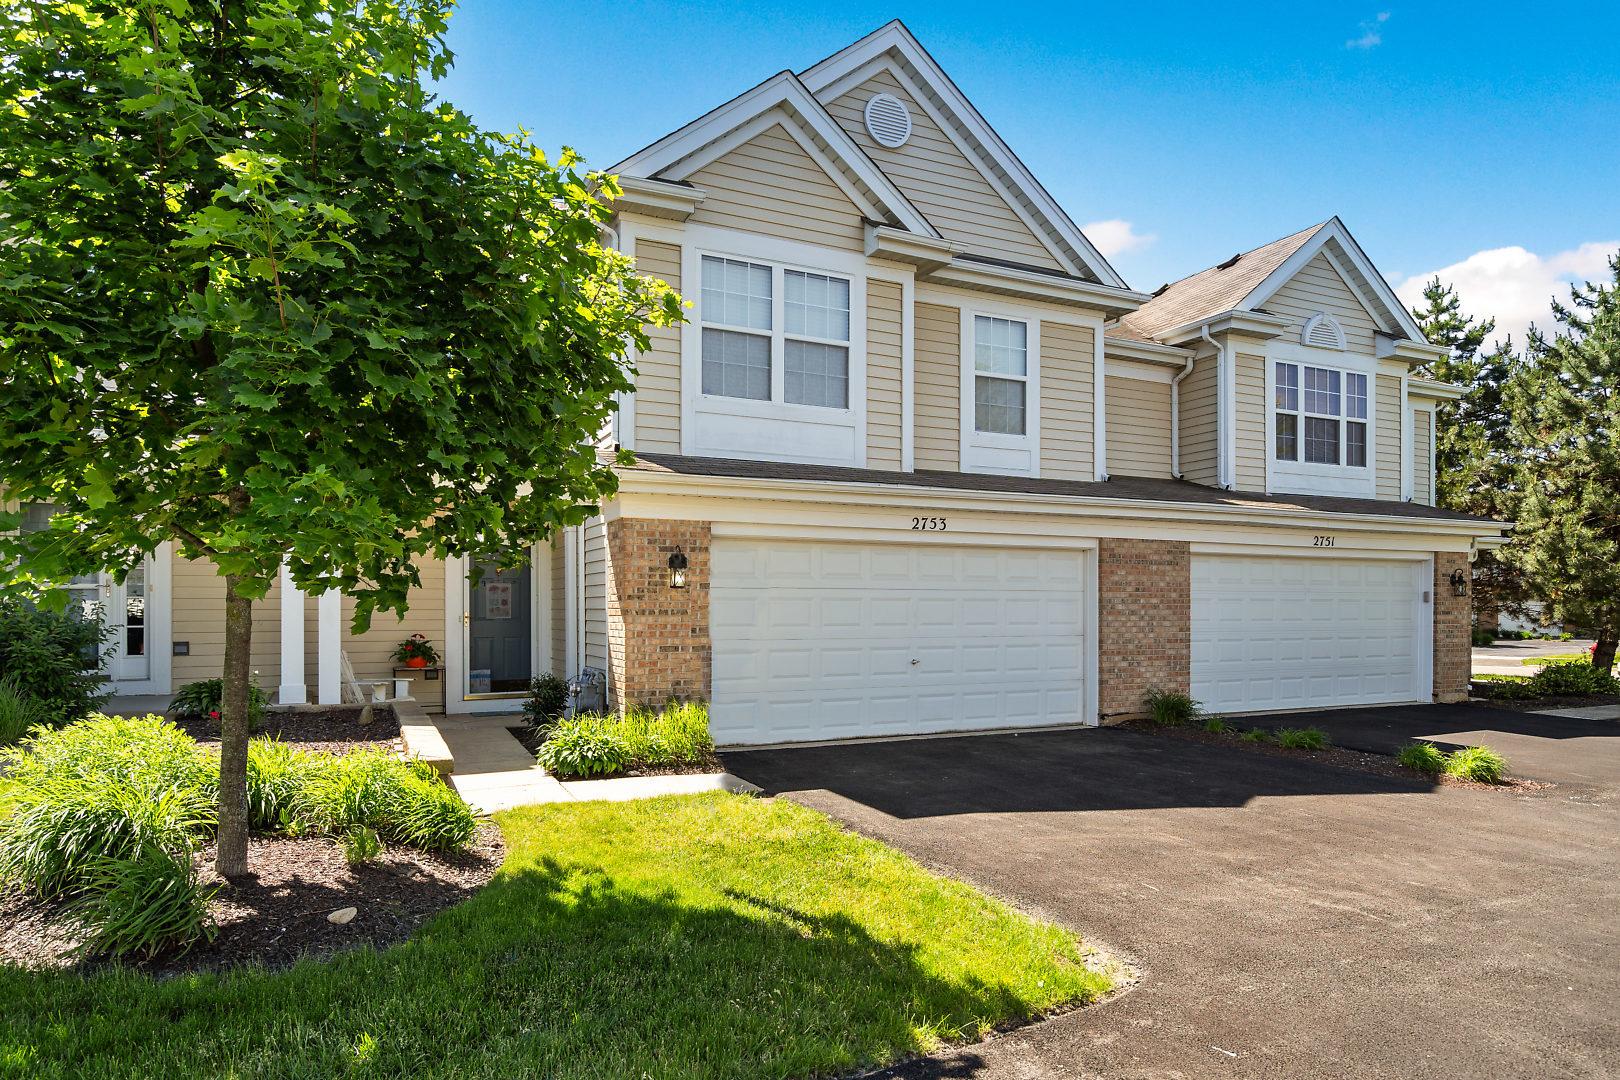 2753 Borkshire, AURORA, Illinois, 60502